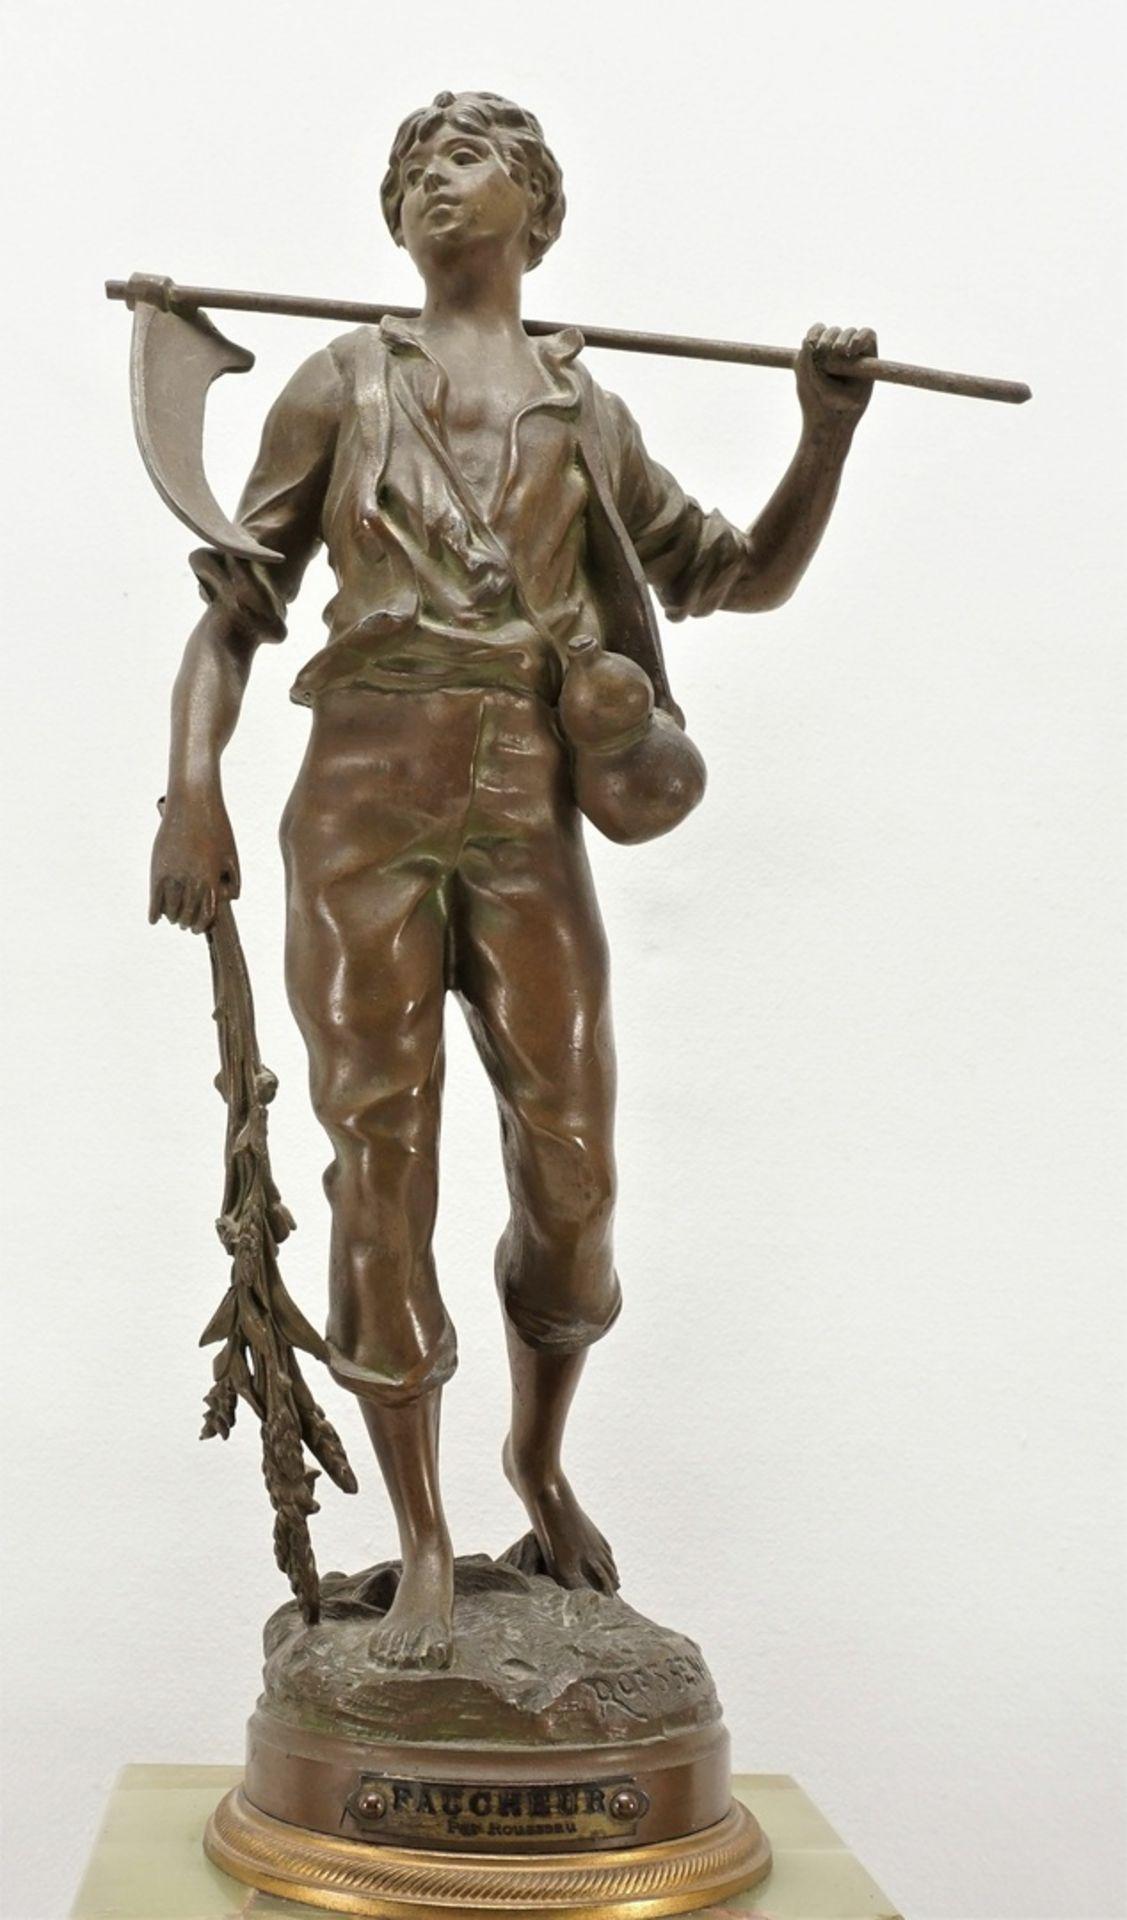 Französische 3-teilige Figurenpendule, 2. Hälfte 19. Jh. - Bild 5 aus 9